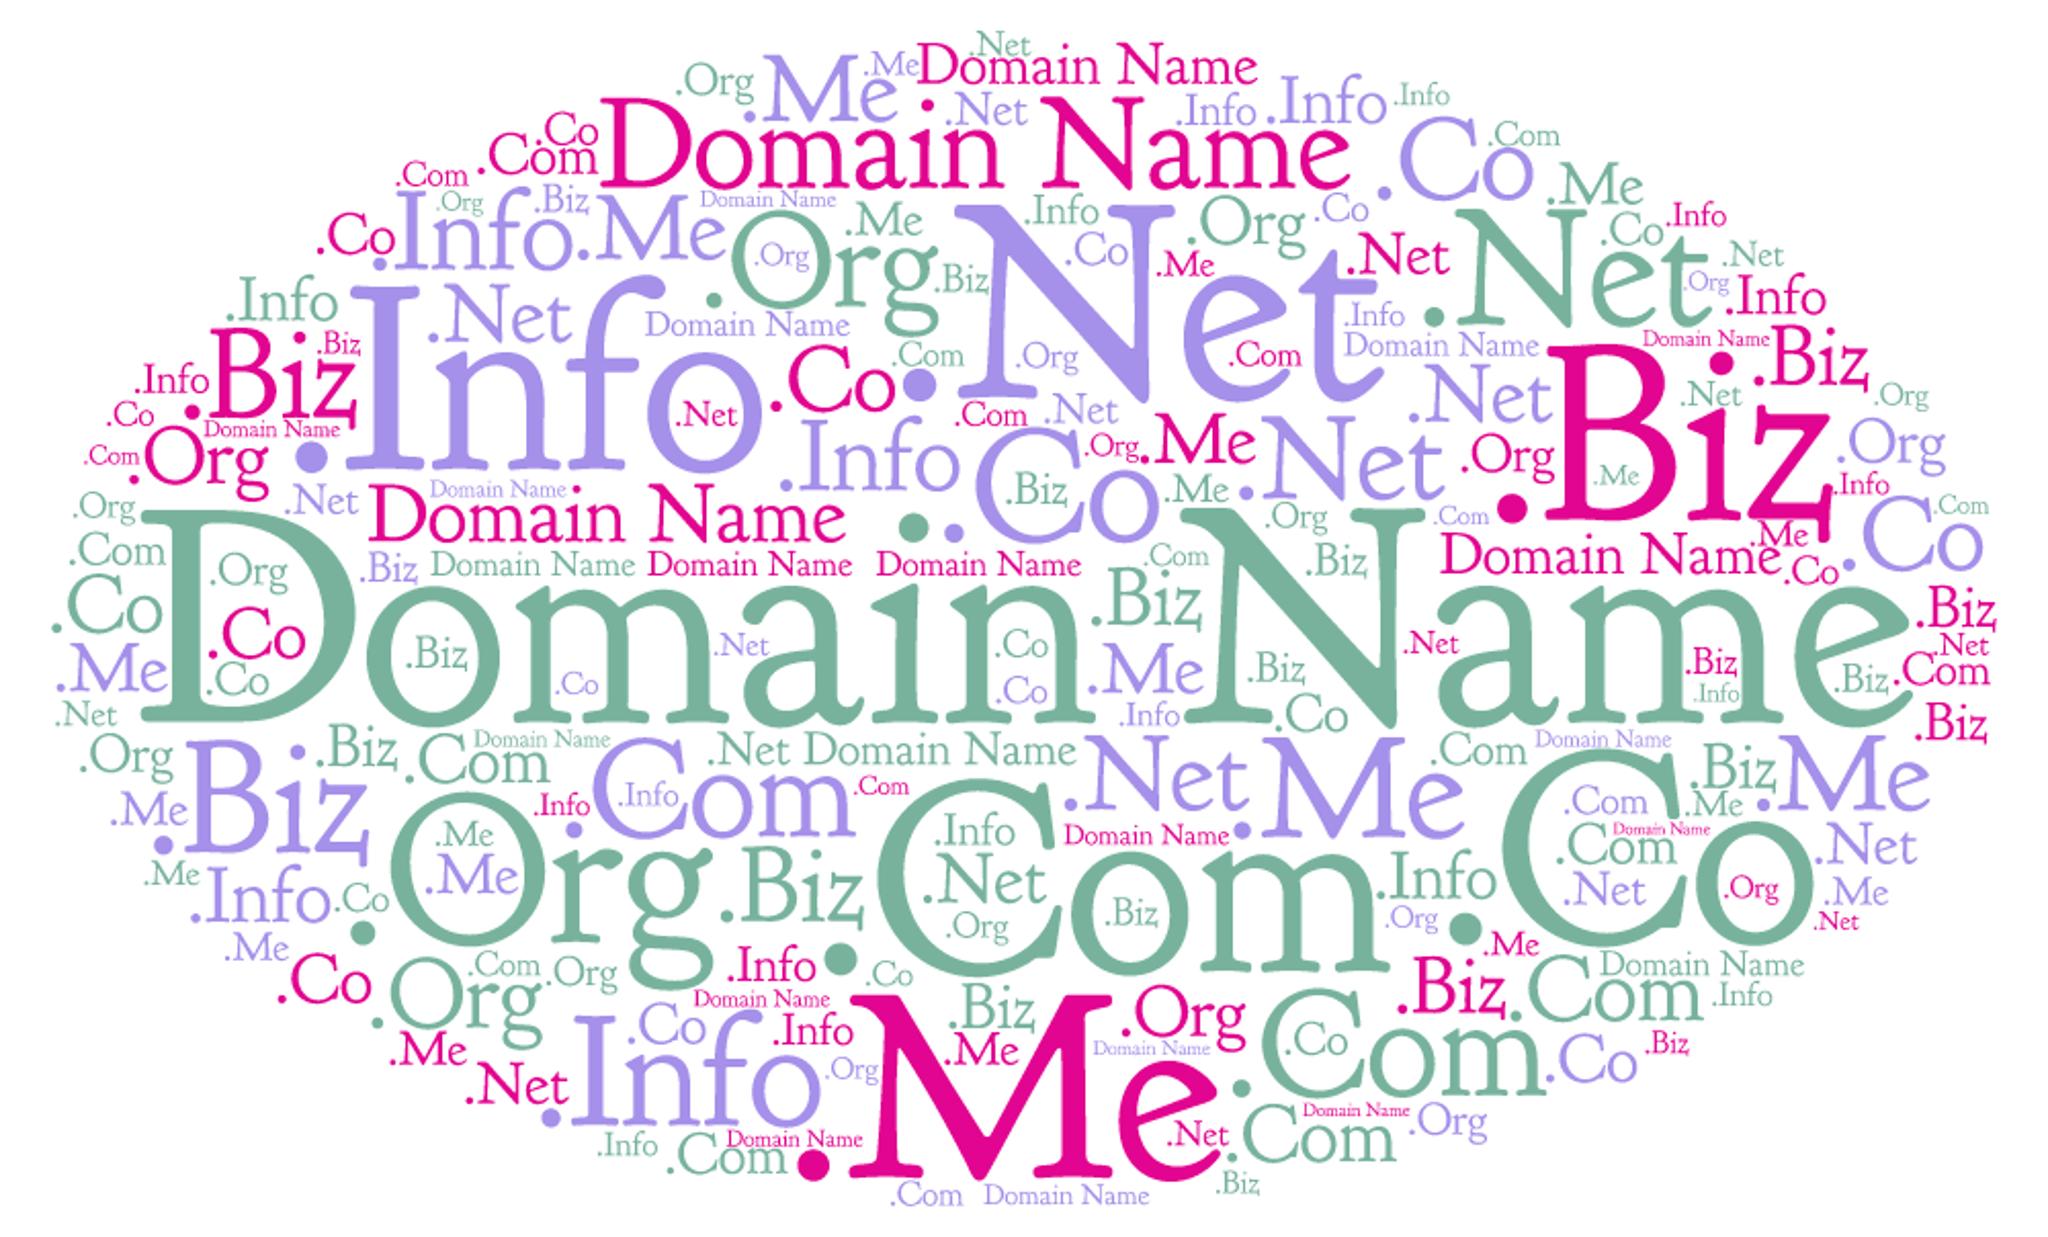 chmura utworzona z różnych rozszerzeń domen internetowych